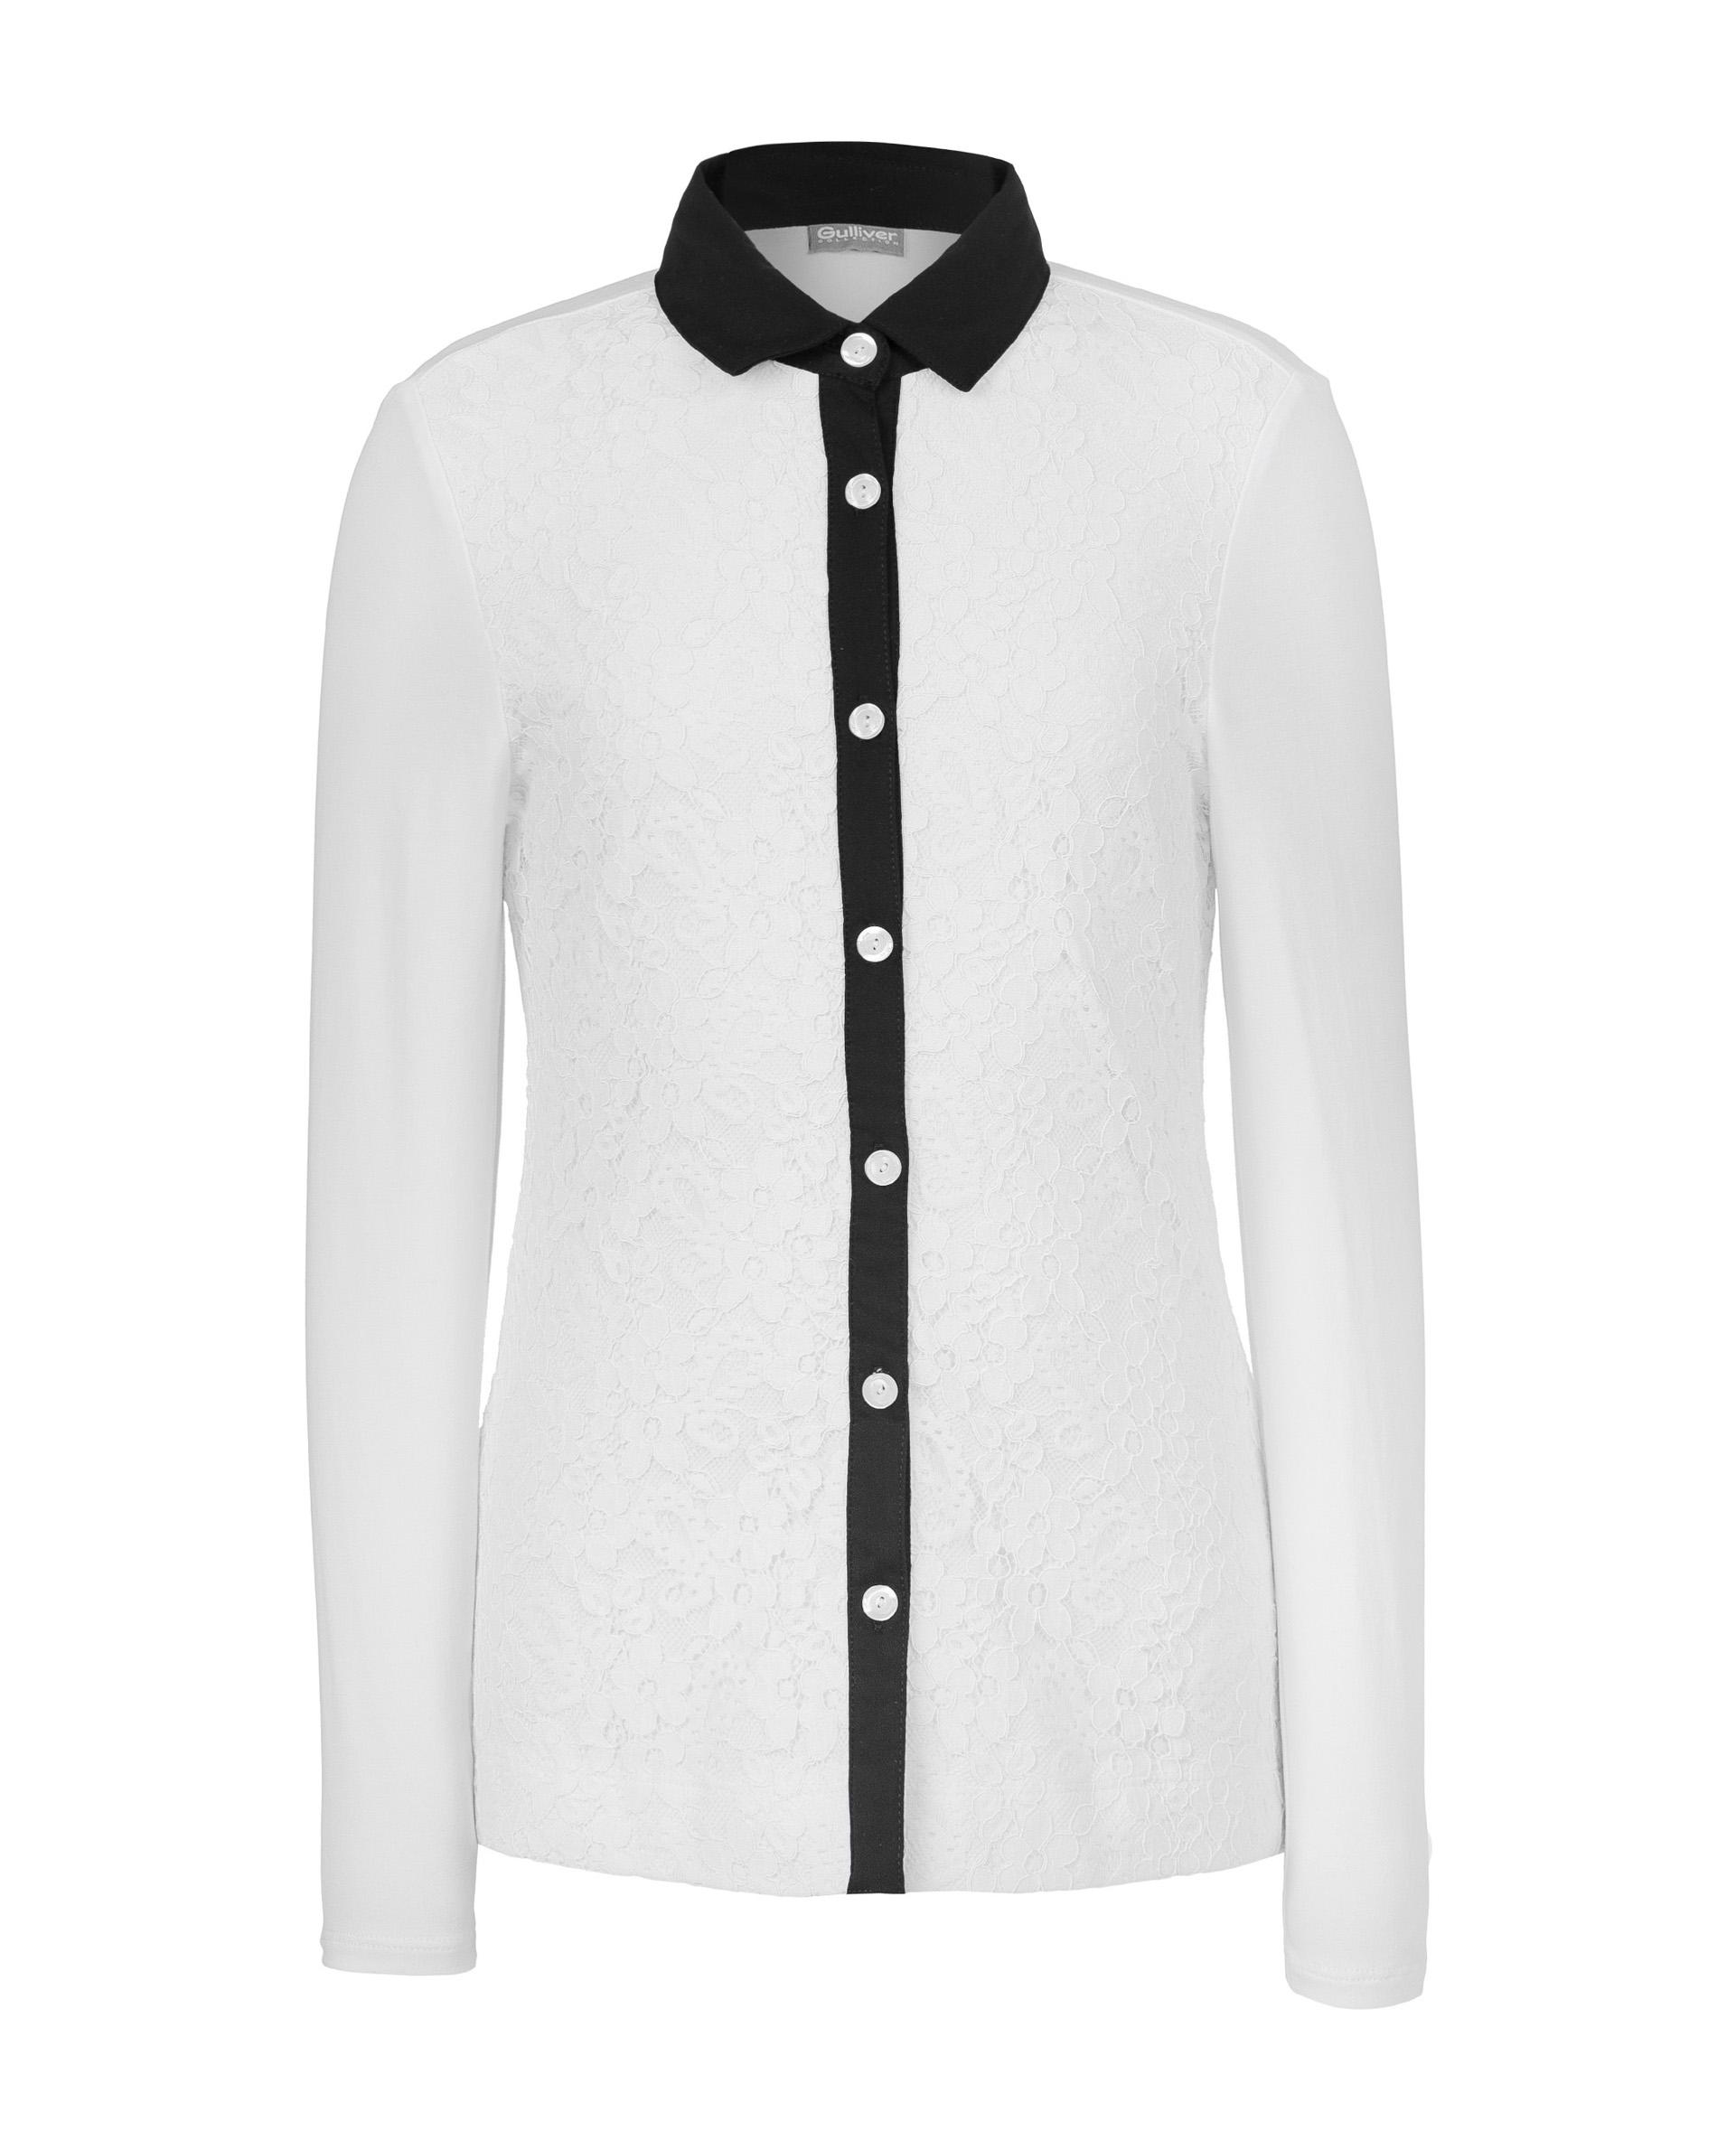 Купить 219GSGC1403, Рубашка с кружевом Gulliver, белый, 170, Женский, ШКОЛЬНАЯ ФОРМА 2019-2020 (shop: GulliverMarket Gulliver Market)